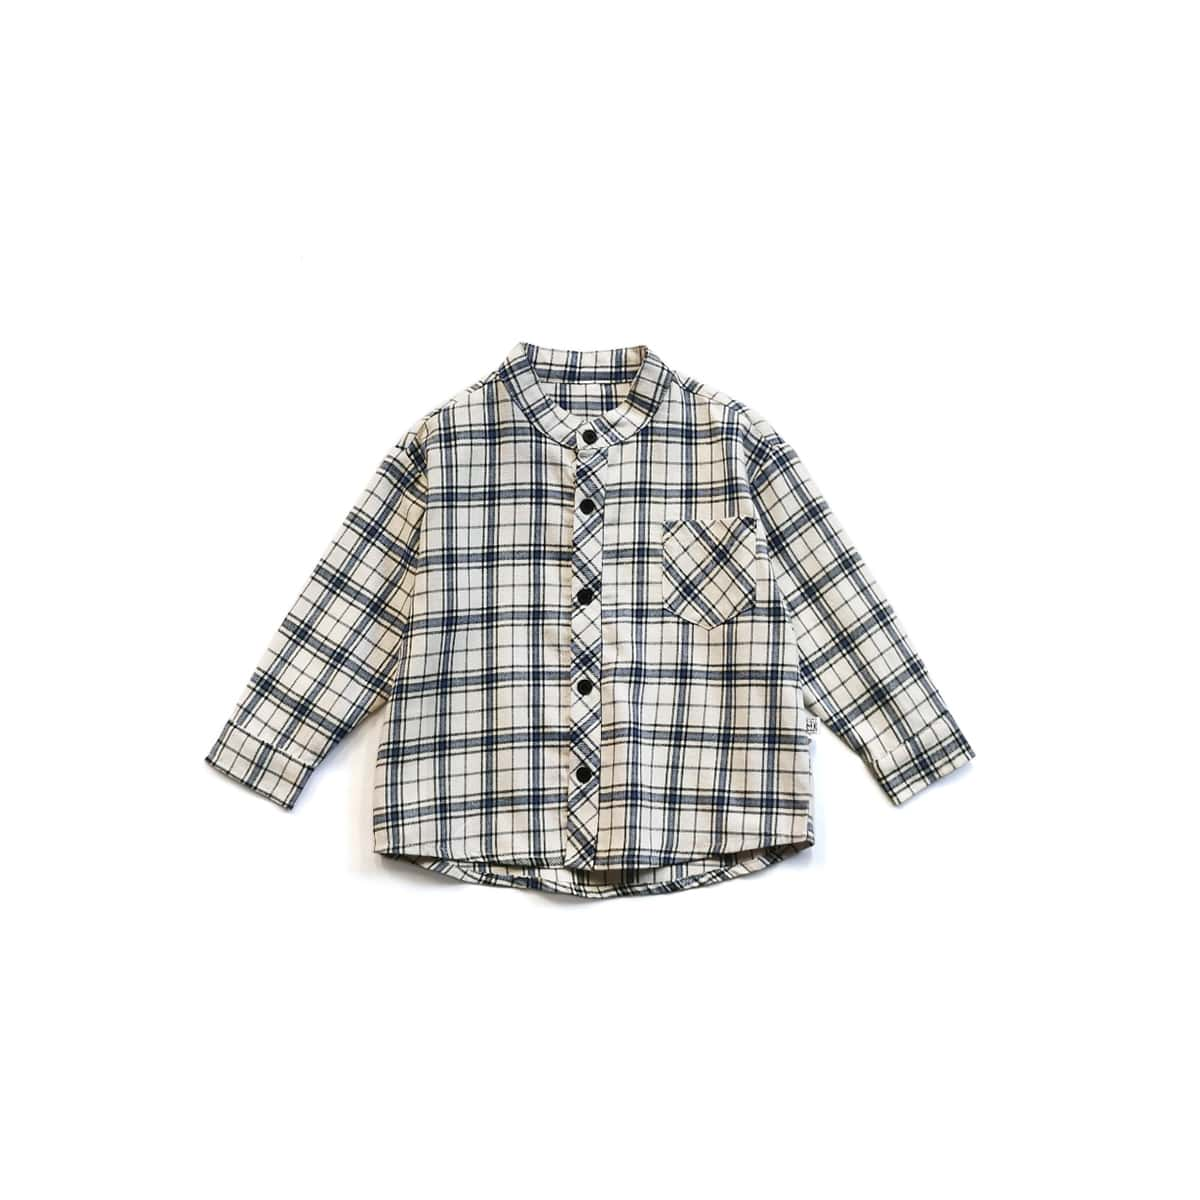 на пуговицах Пуговица Клетка Повседневный Рубашки для мальчиков